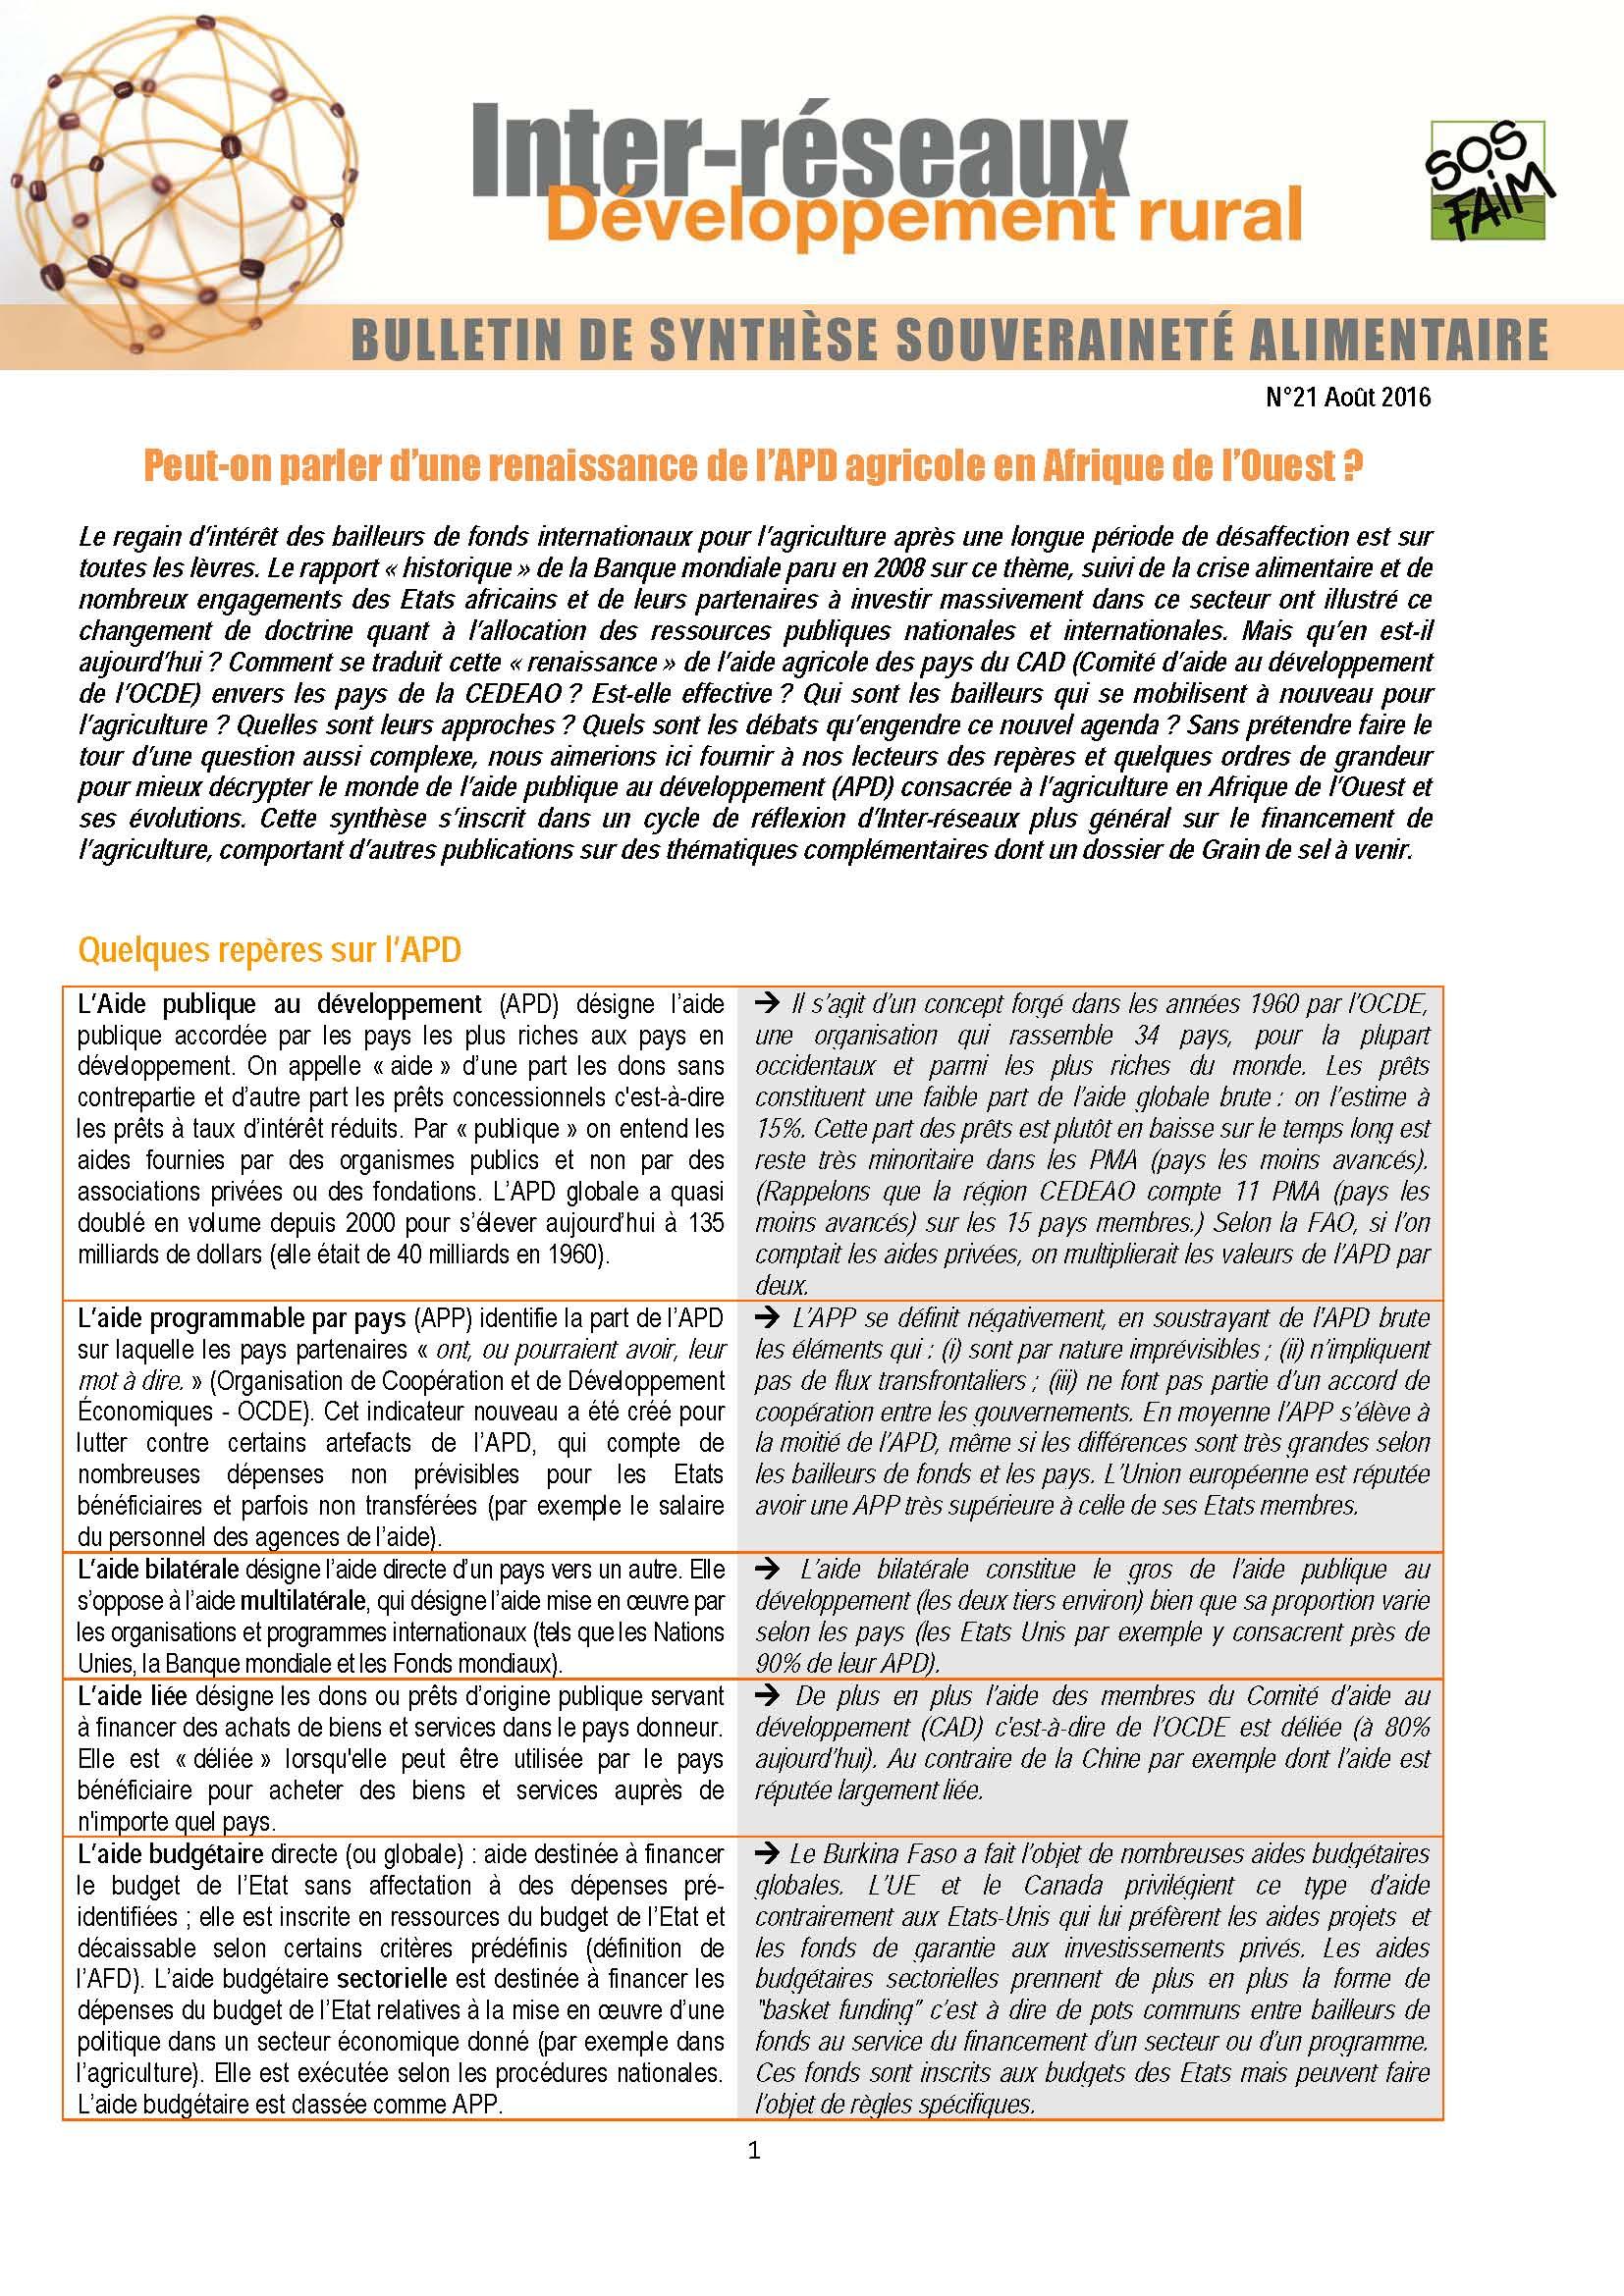 Bulletin de synthèse n°21 : Peut-on parler d'une renaissance de l'APD agricole en Afrique de l'Ouest ?